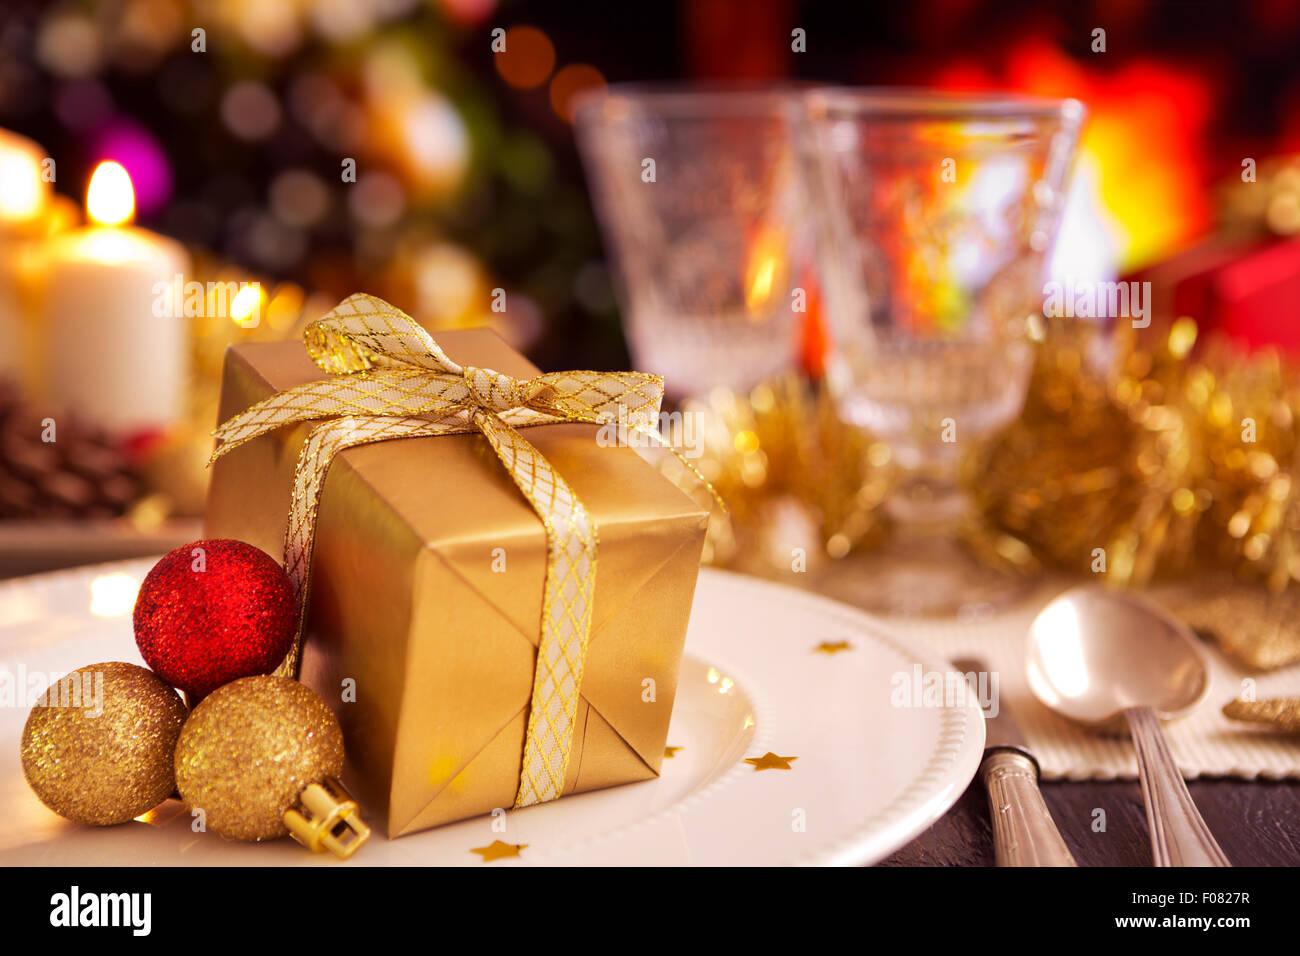 Eine romantische Weihnachten Abendessen Tischdekoration mit einem ...